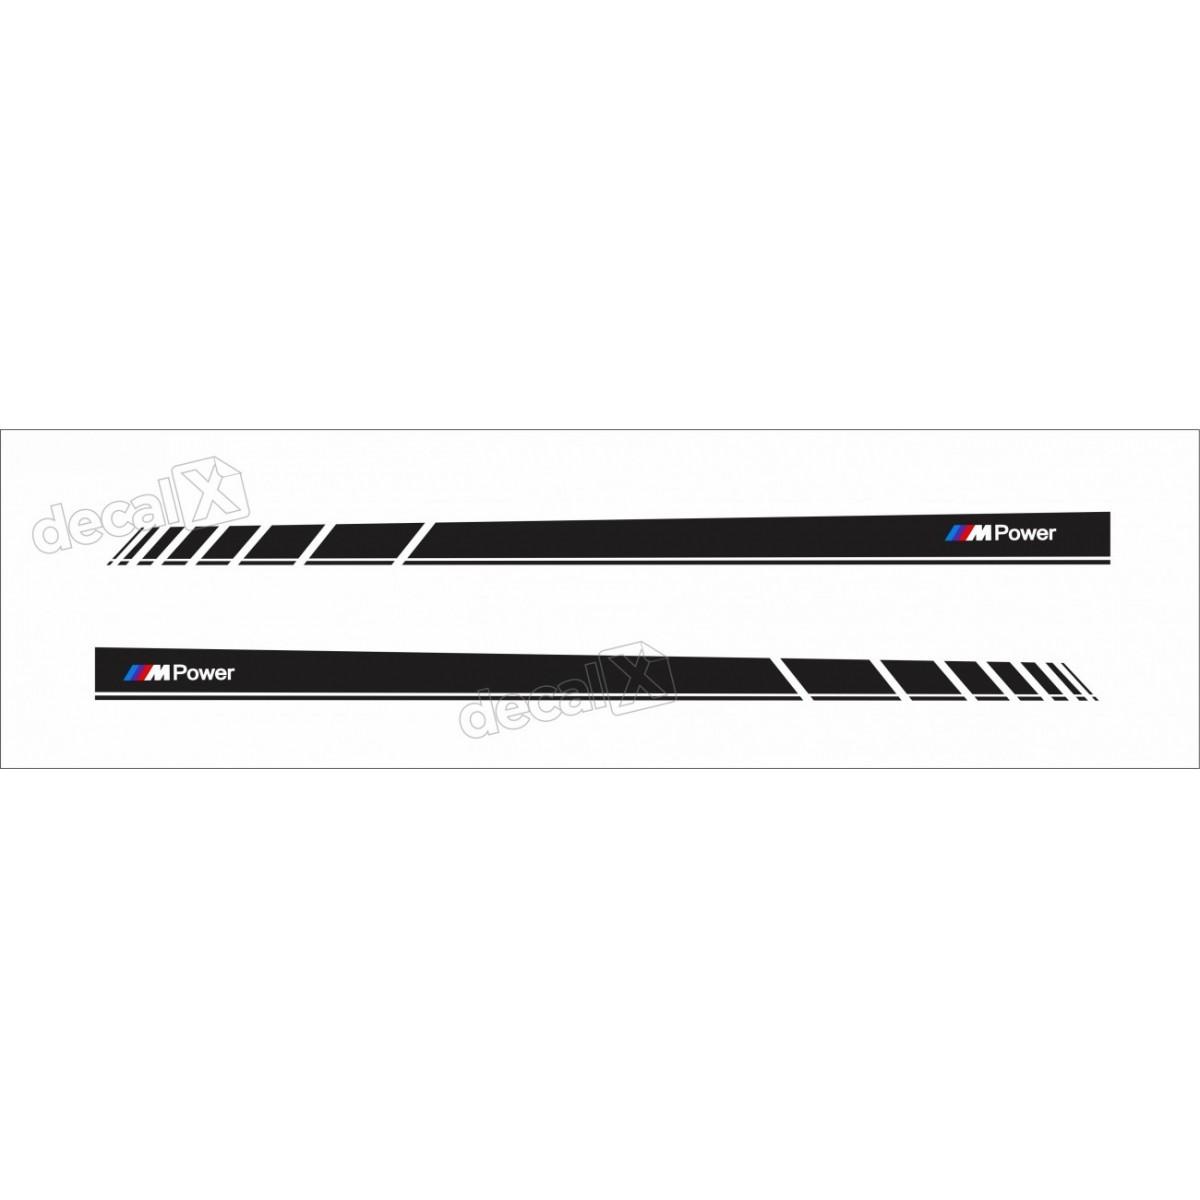 Adesivo Bmw Faixa Lateral Serie 3 Power Bw29